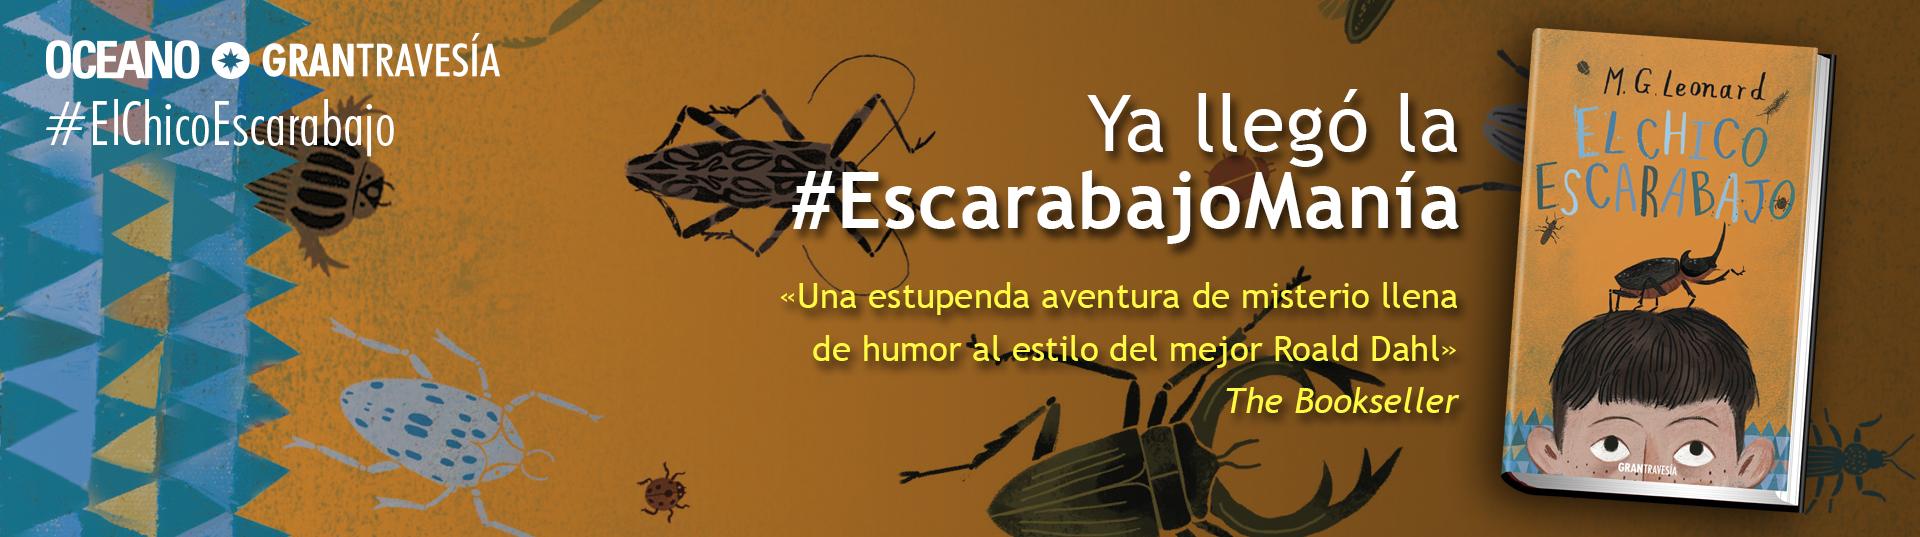 El Chico Escarabajo